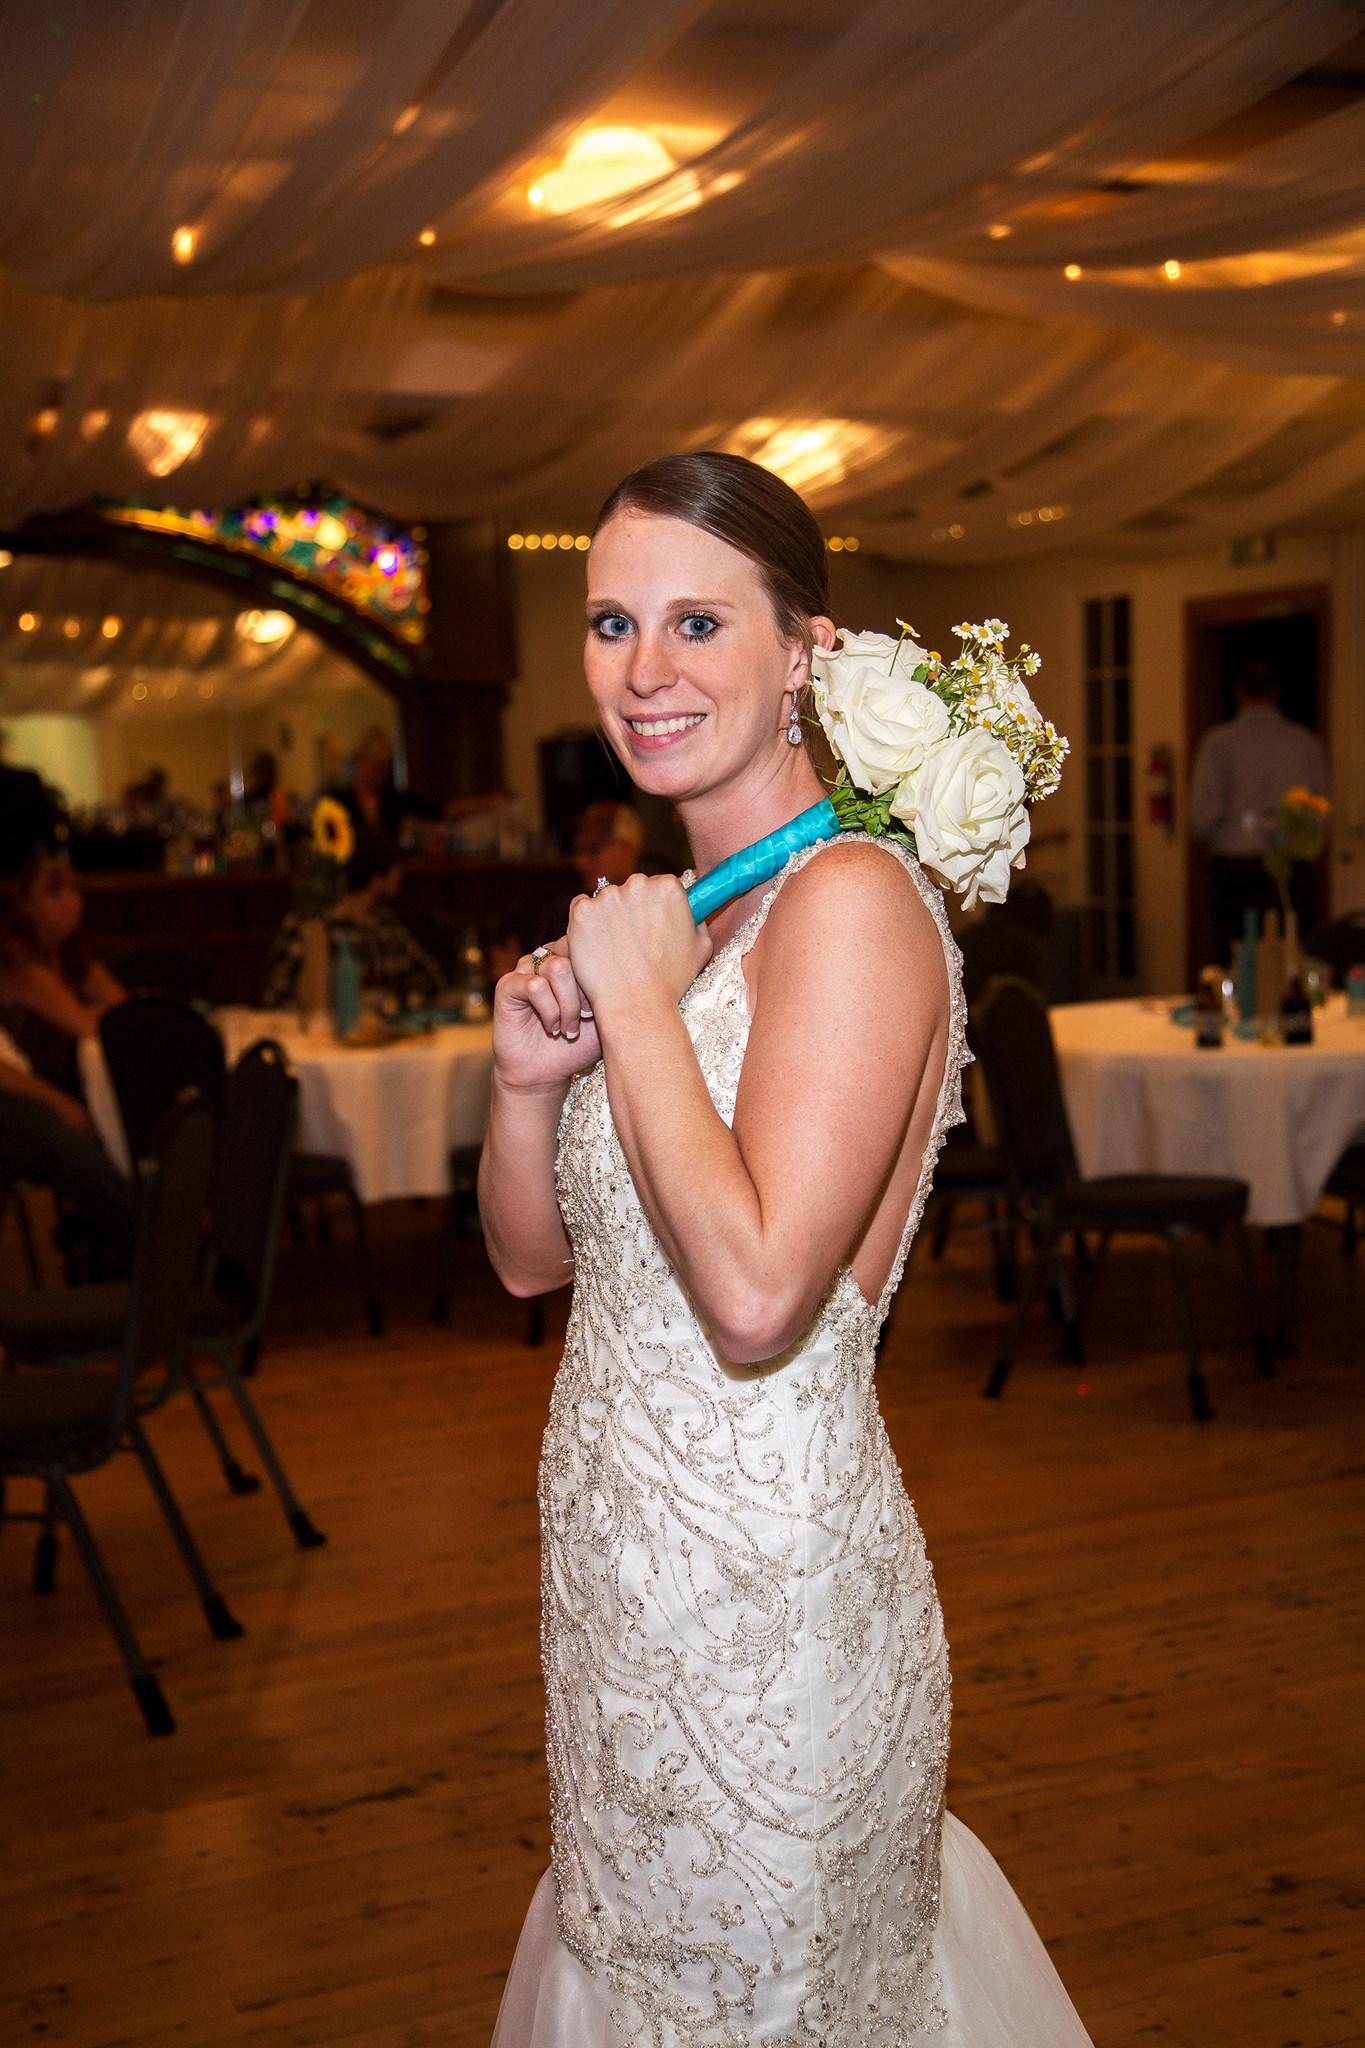 marchese_wedding_801 copy